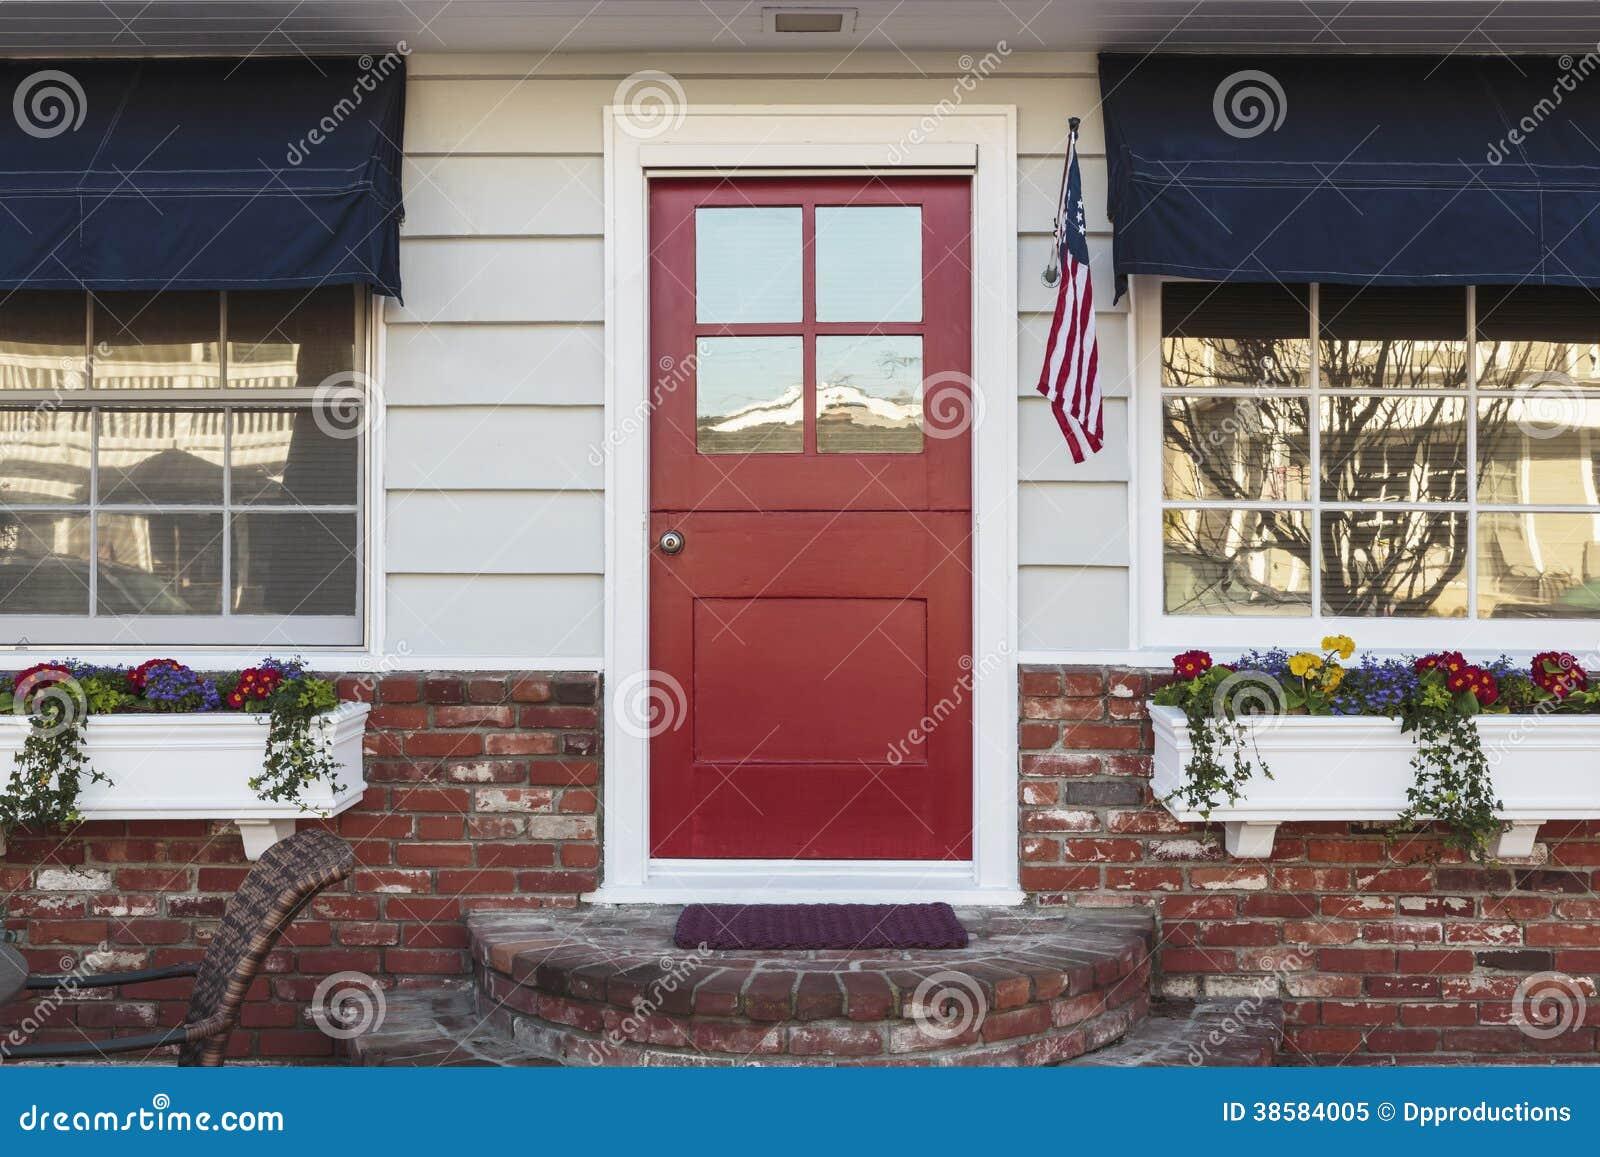 Rote Haustur Eines Amerikanischen Hauses Stockbild Bild Von